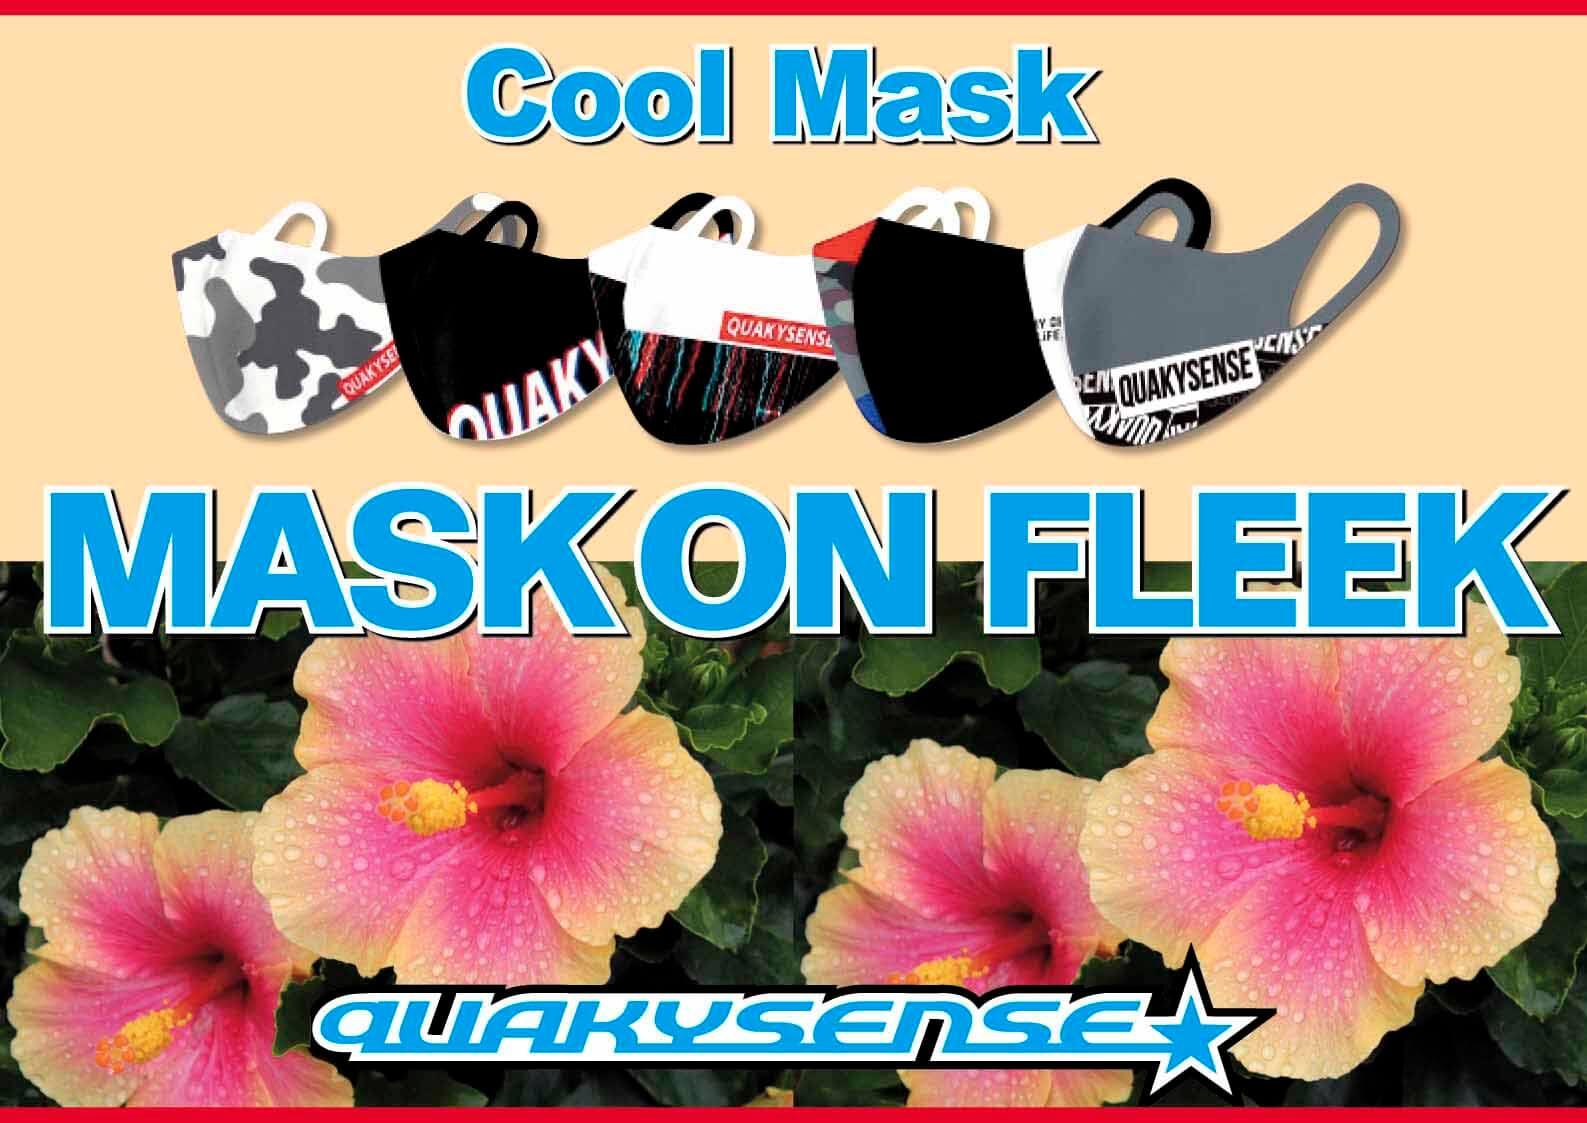 夏用のオシャレなマスクが欲しい! 涼しくて洗えるクエーキーセンスのクールマスク「MASK ON FLEEK 冷感・速乾」 ジェットスキー(水上バイク)